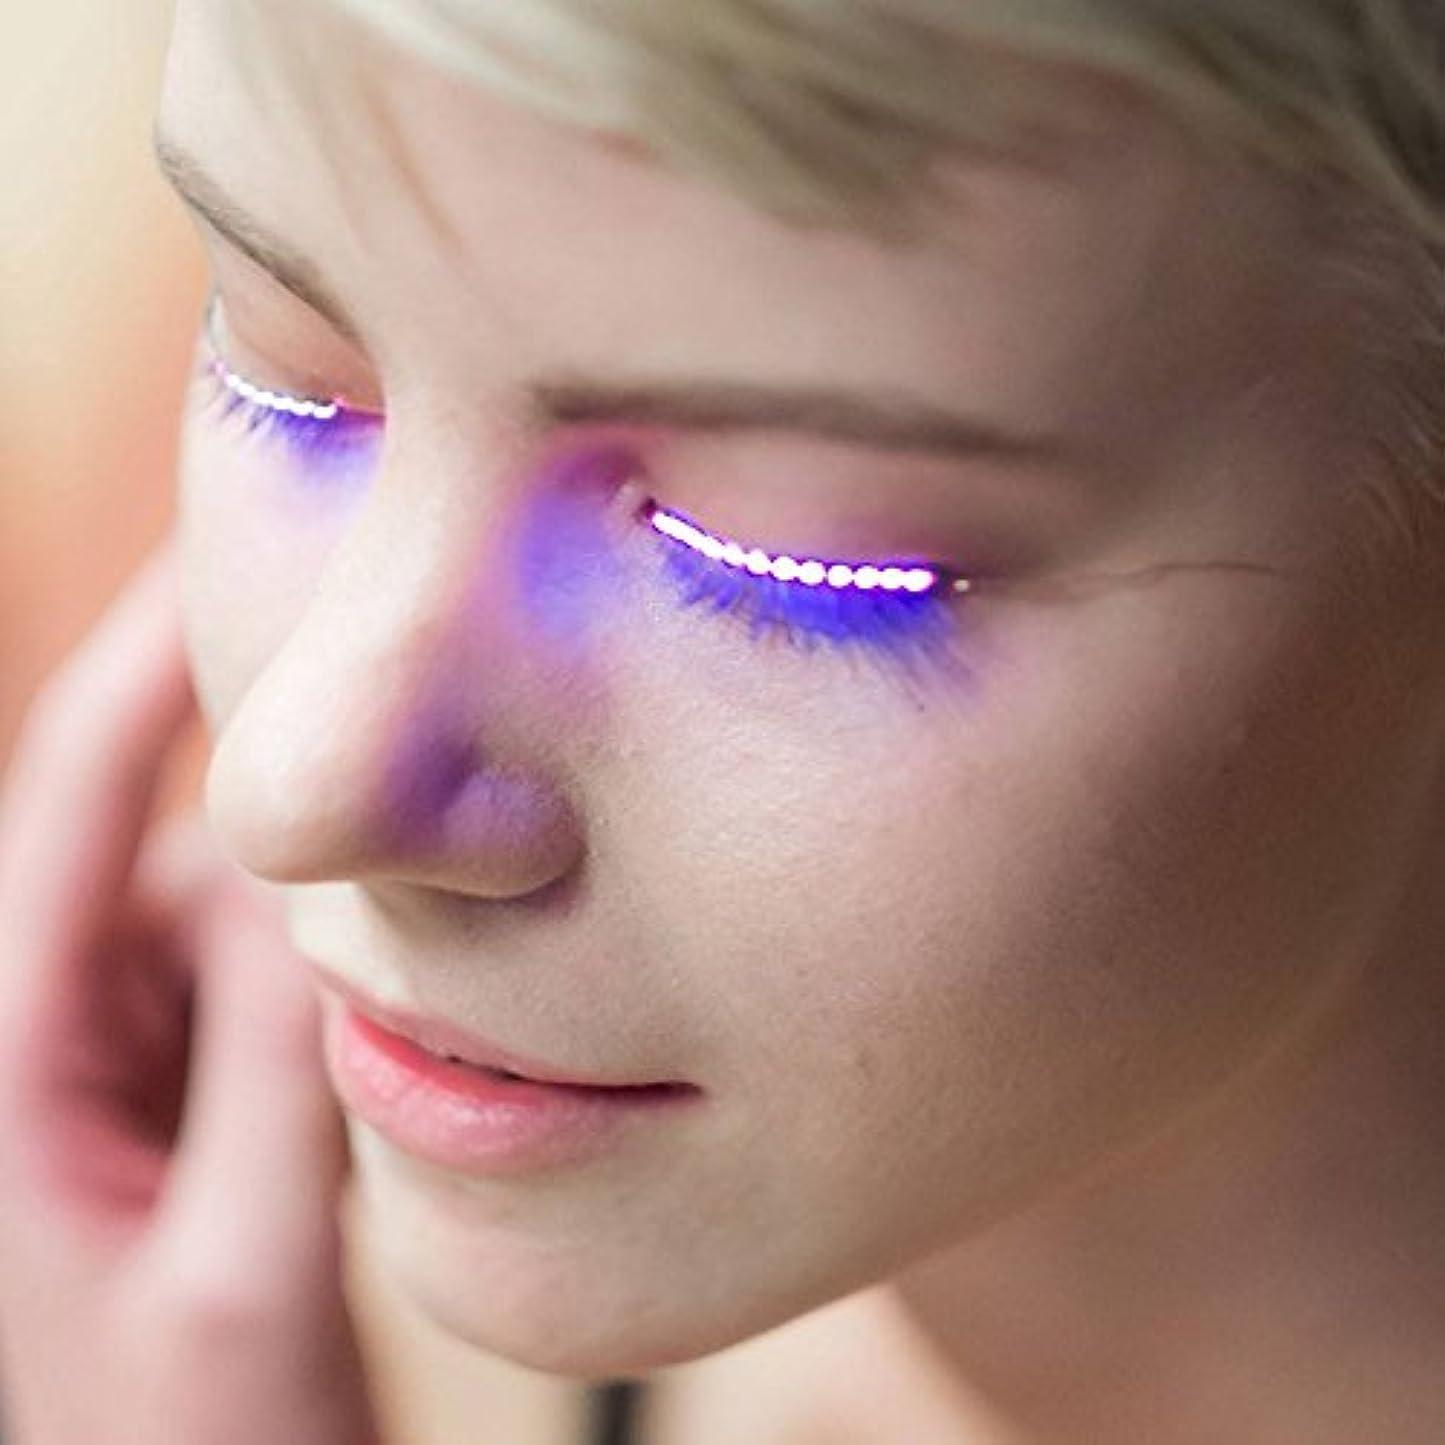 デジタルコークス確かにHongch 2PCSつけまつげは、ルミナスのLED 毎日のためのファッションのプロフェッショナル 防水輝きます メイクアップツール